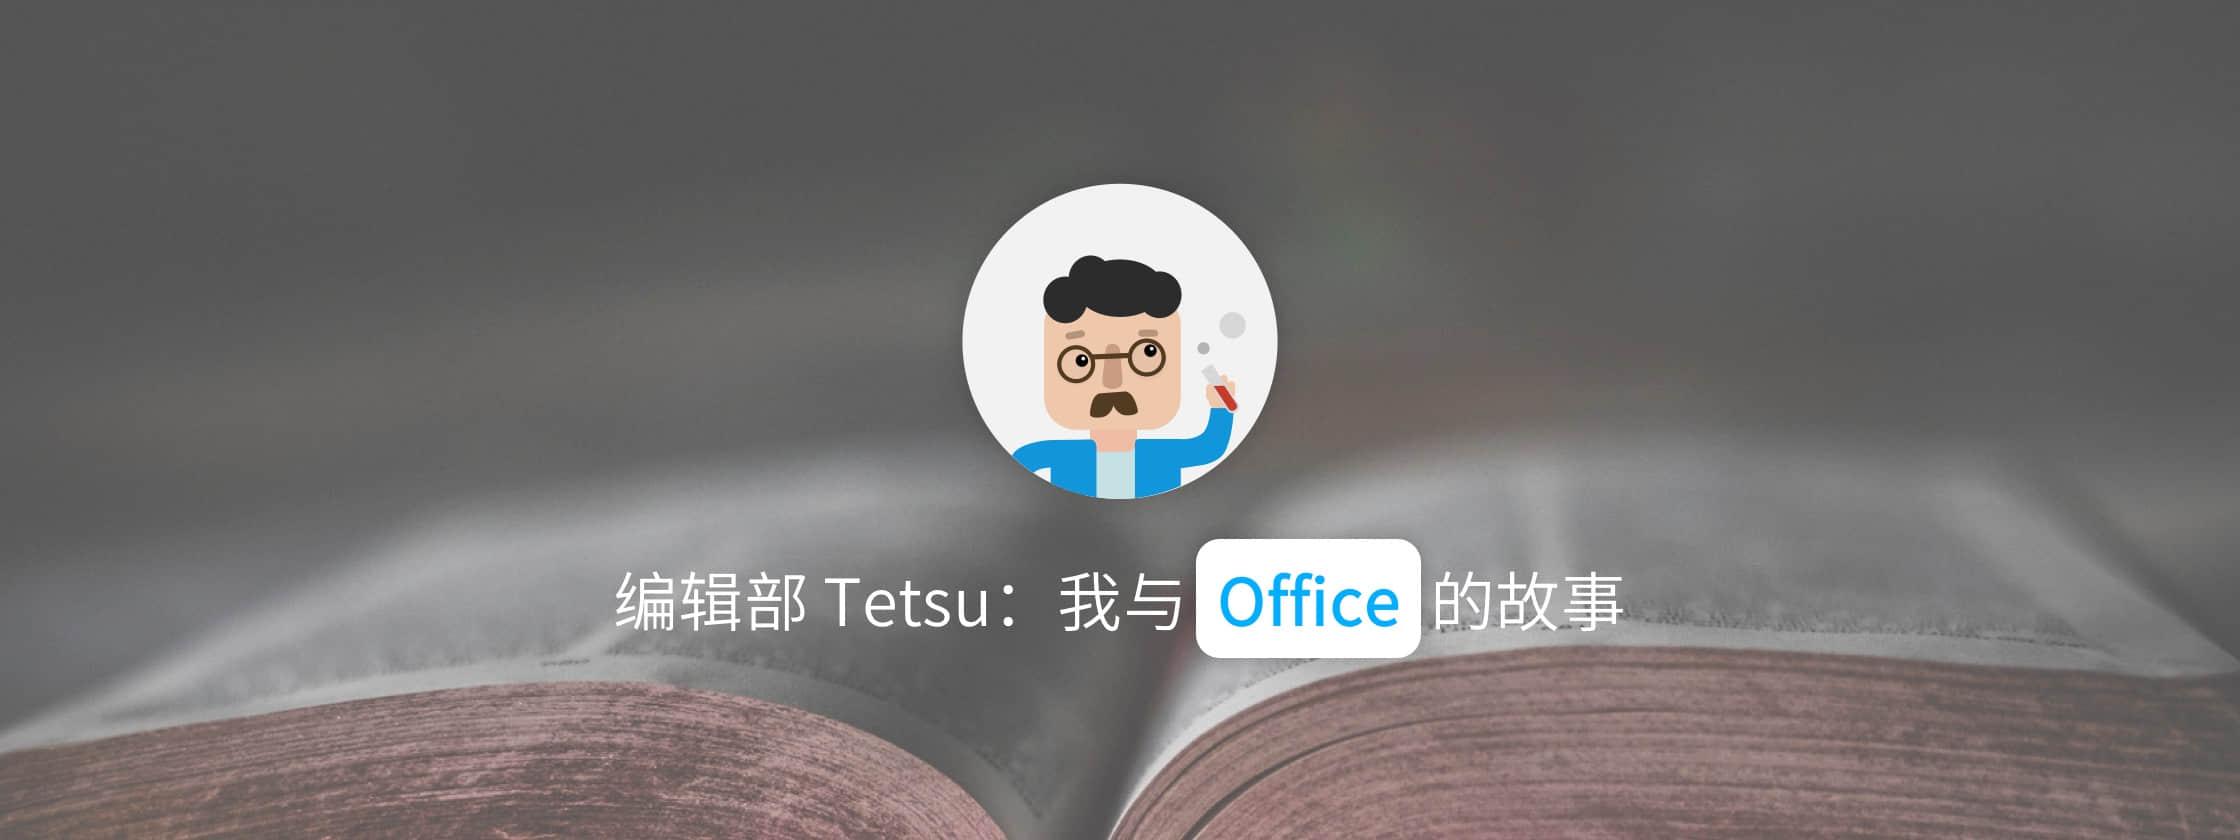 编辑部 Tetsu:我与 Office 的故事